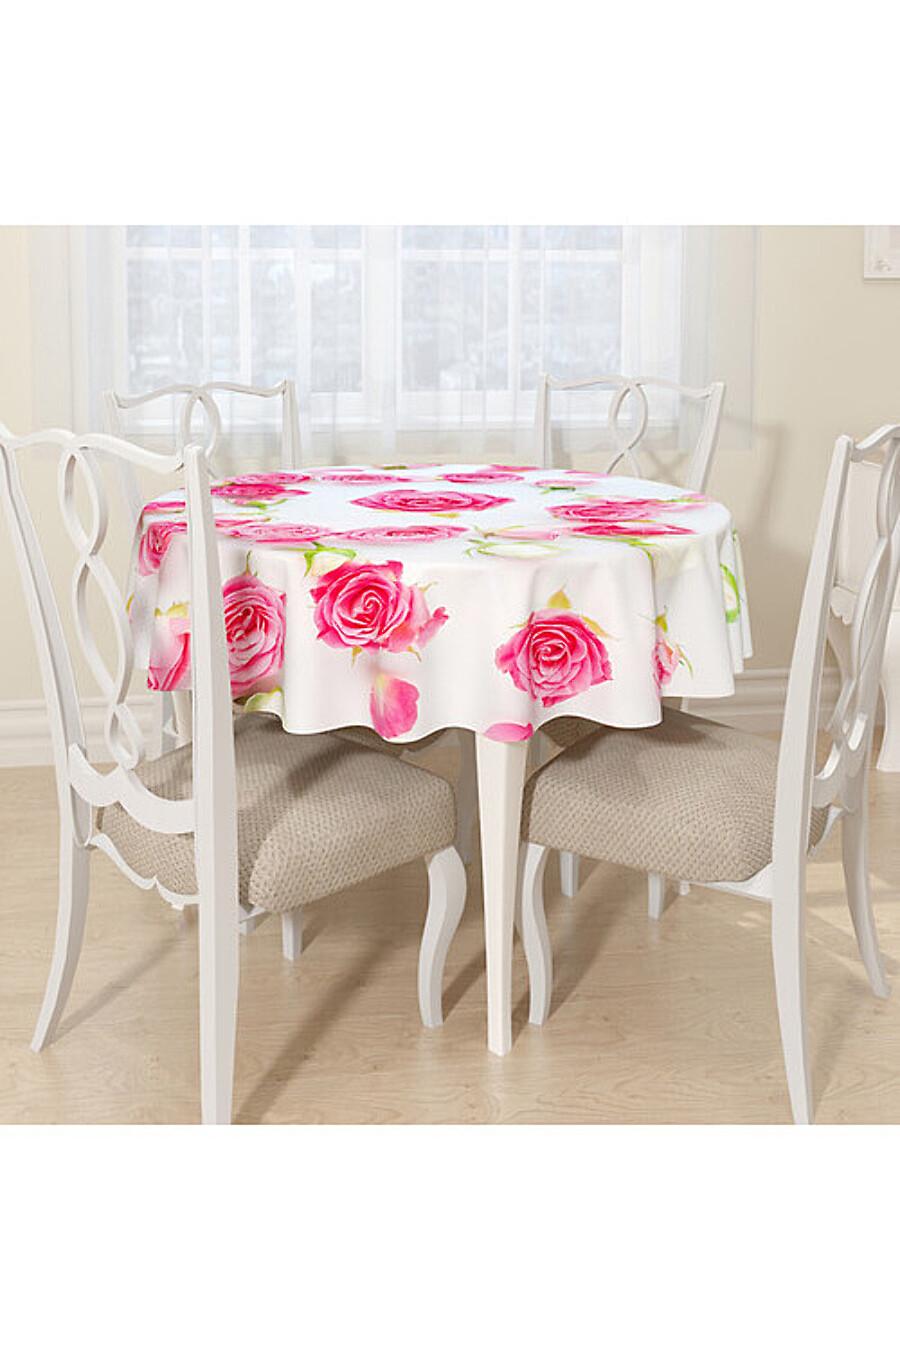 Скатерть для дома ART HOME TEXTILE 180137 купить оптом от производителя. Совместная покупка товаров для дома в OptMoyo